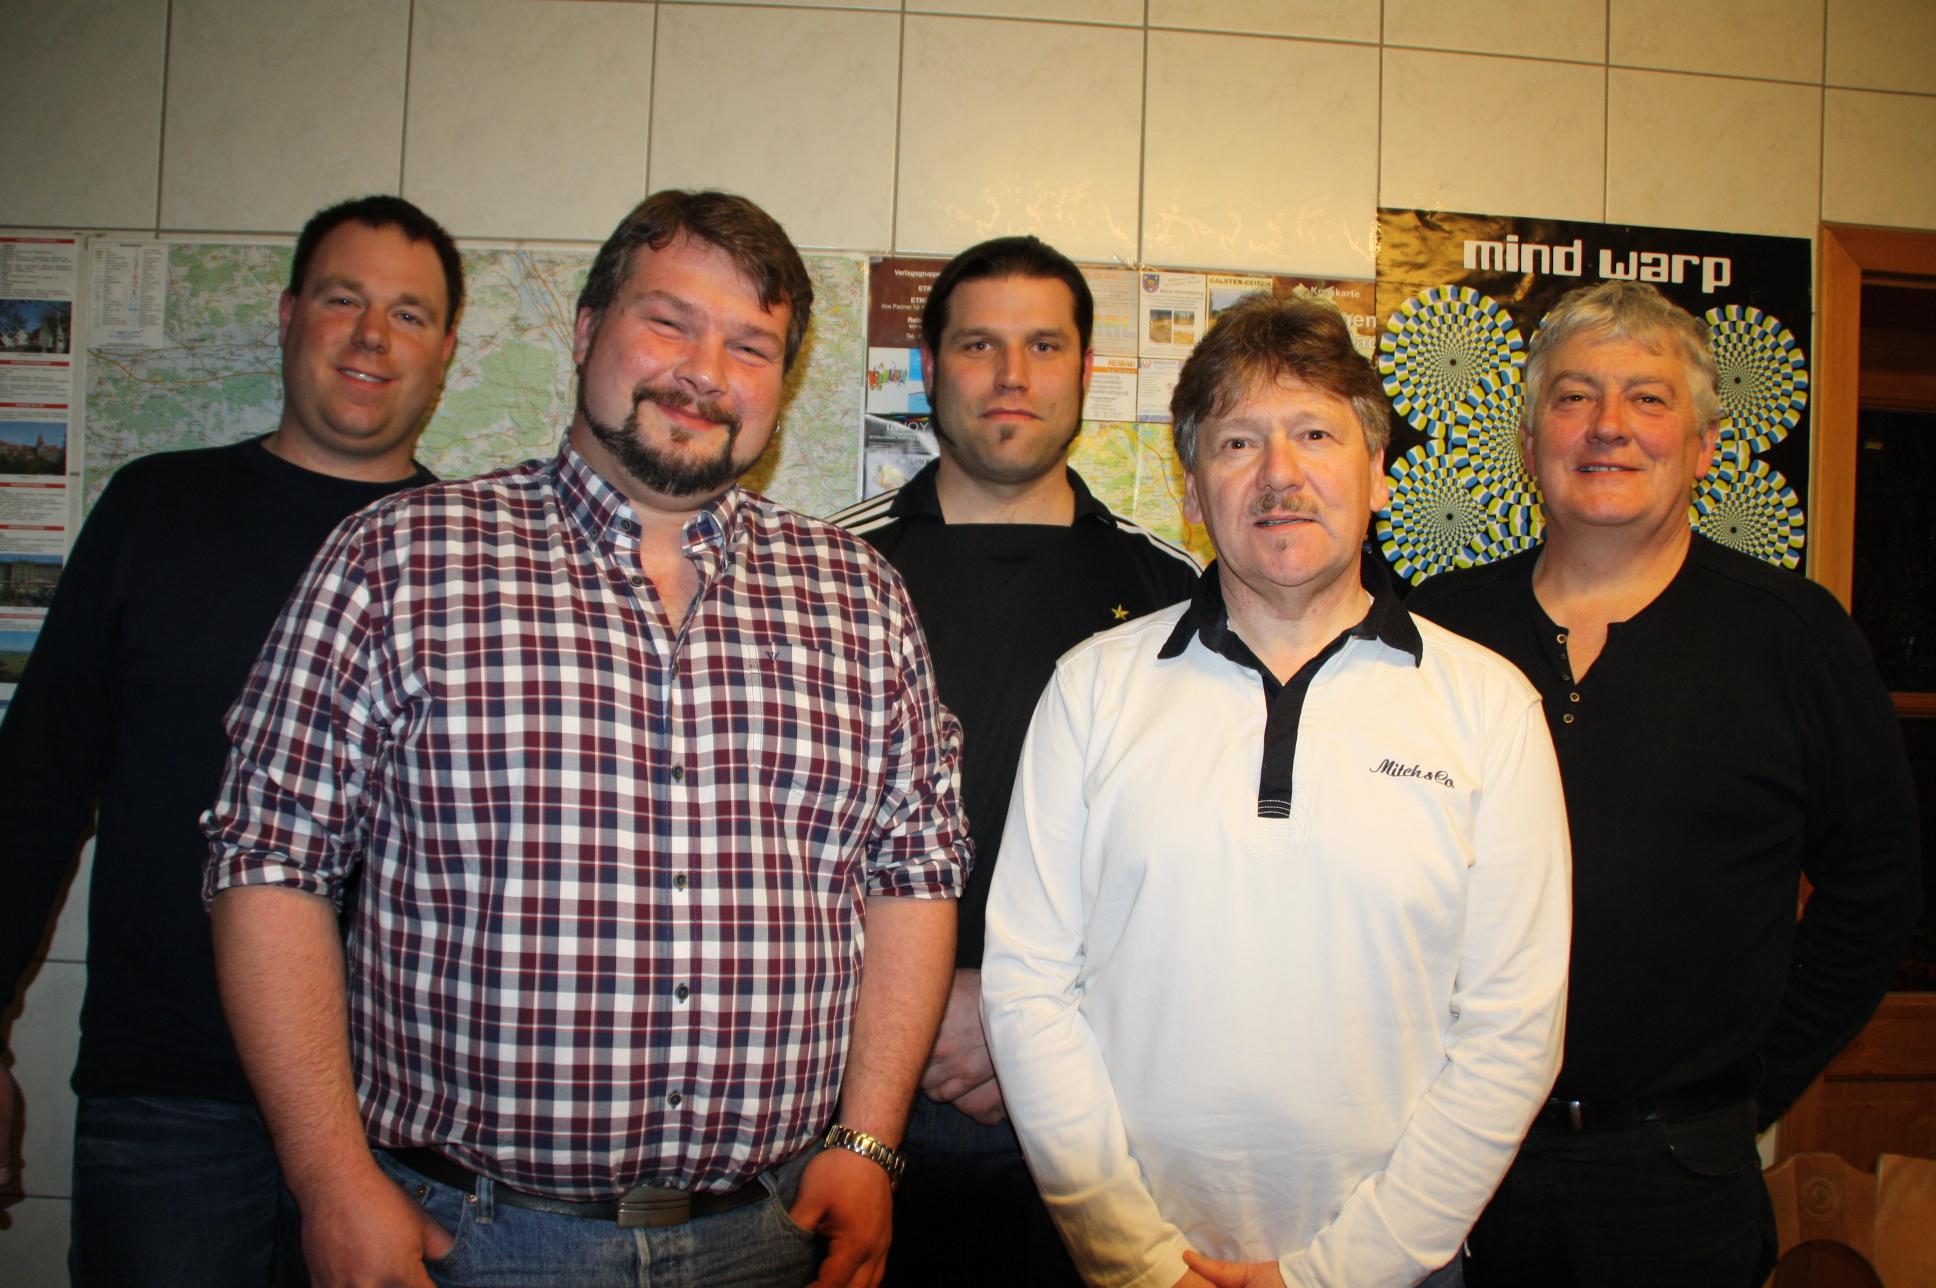 Die neu gewählte Vorstandschaft der Freien Wähler Weisendorf (von links): Jürgen Schenk, Stefan Groß, Christian Stark, Klaus Zink, Manfred Schmidt.